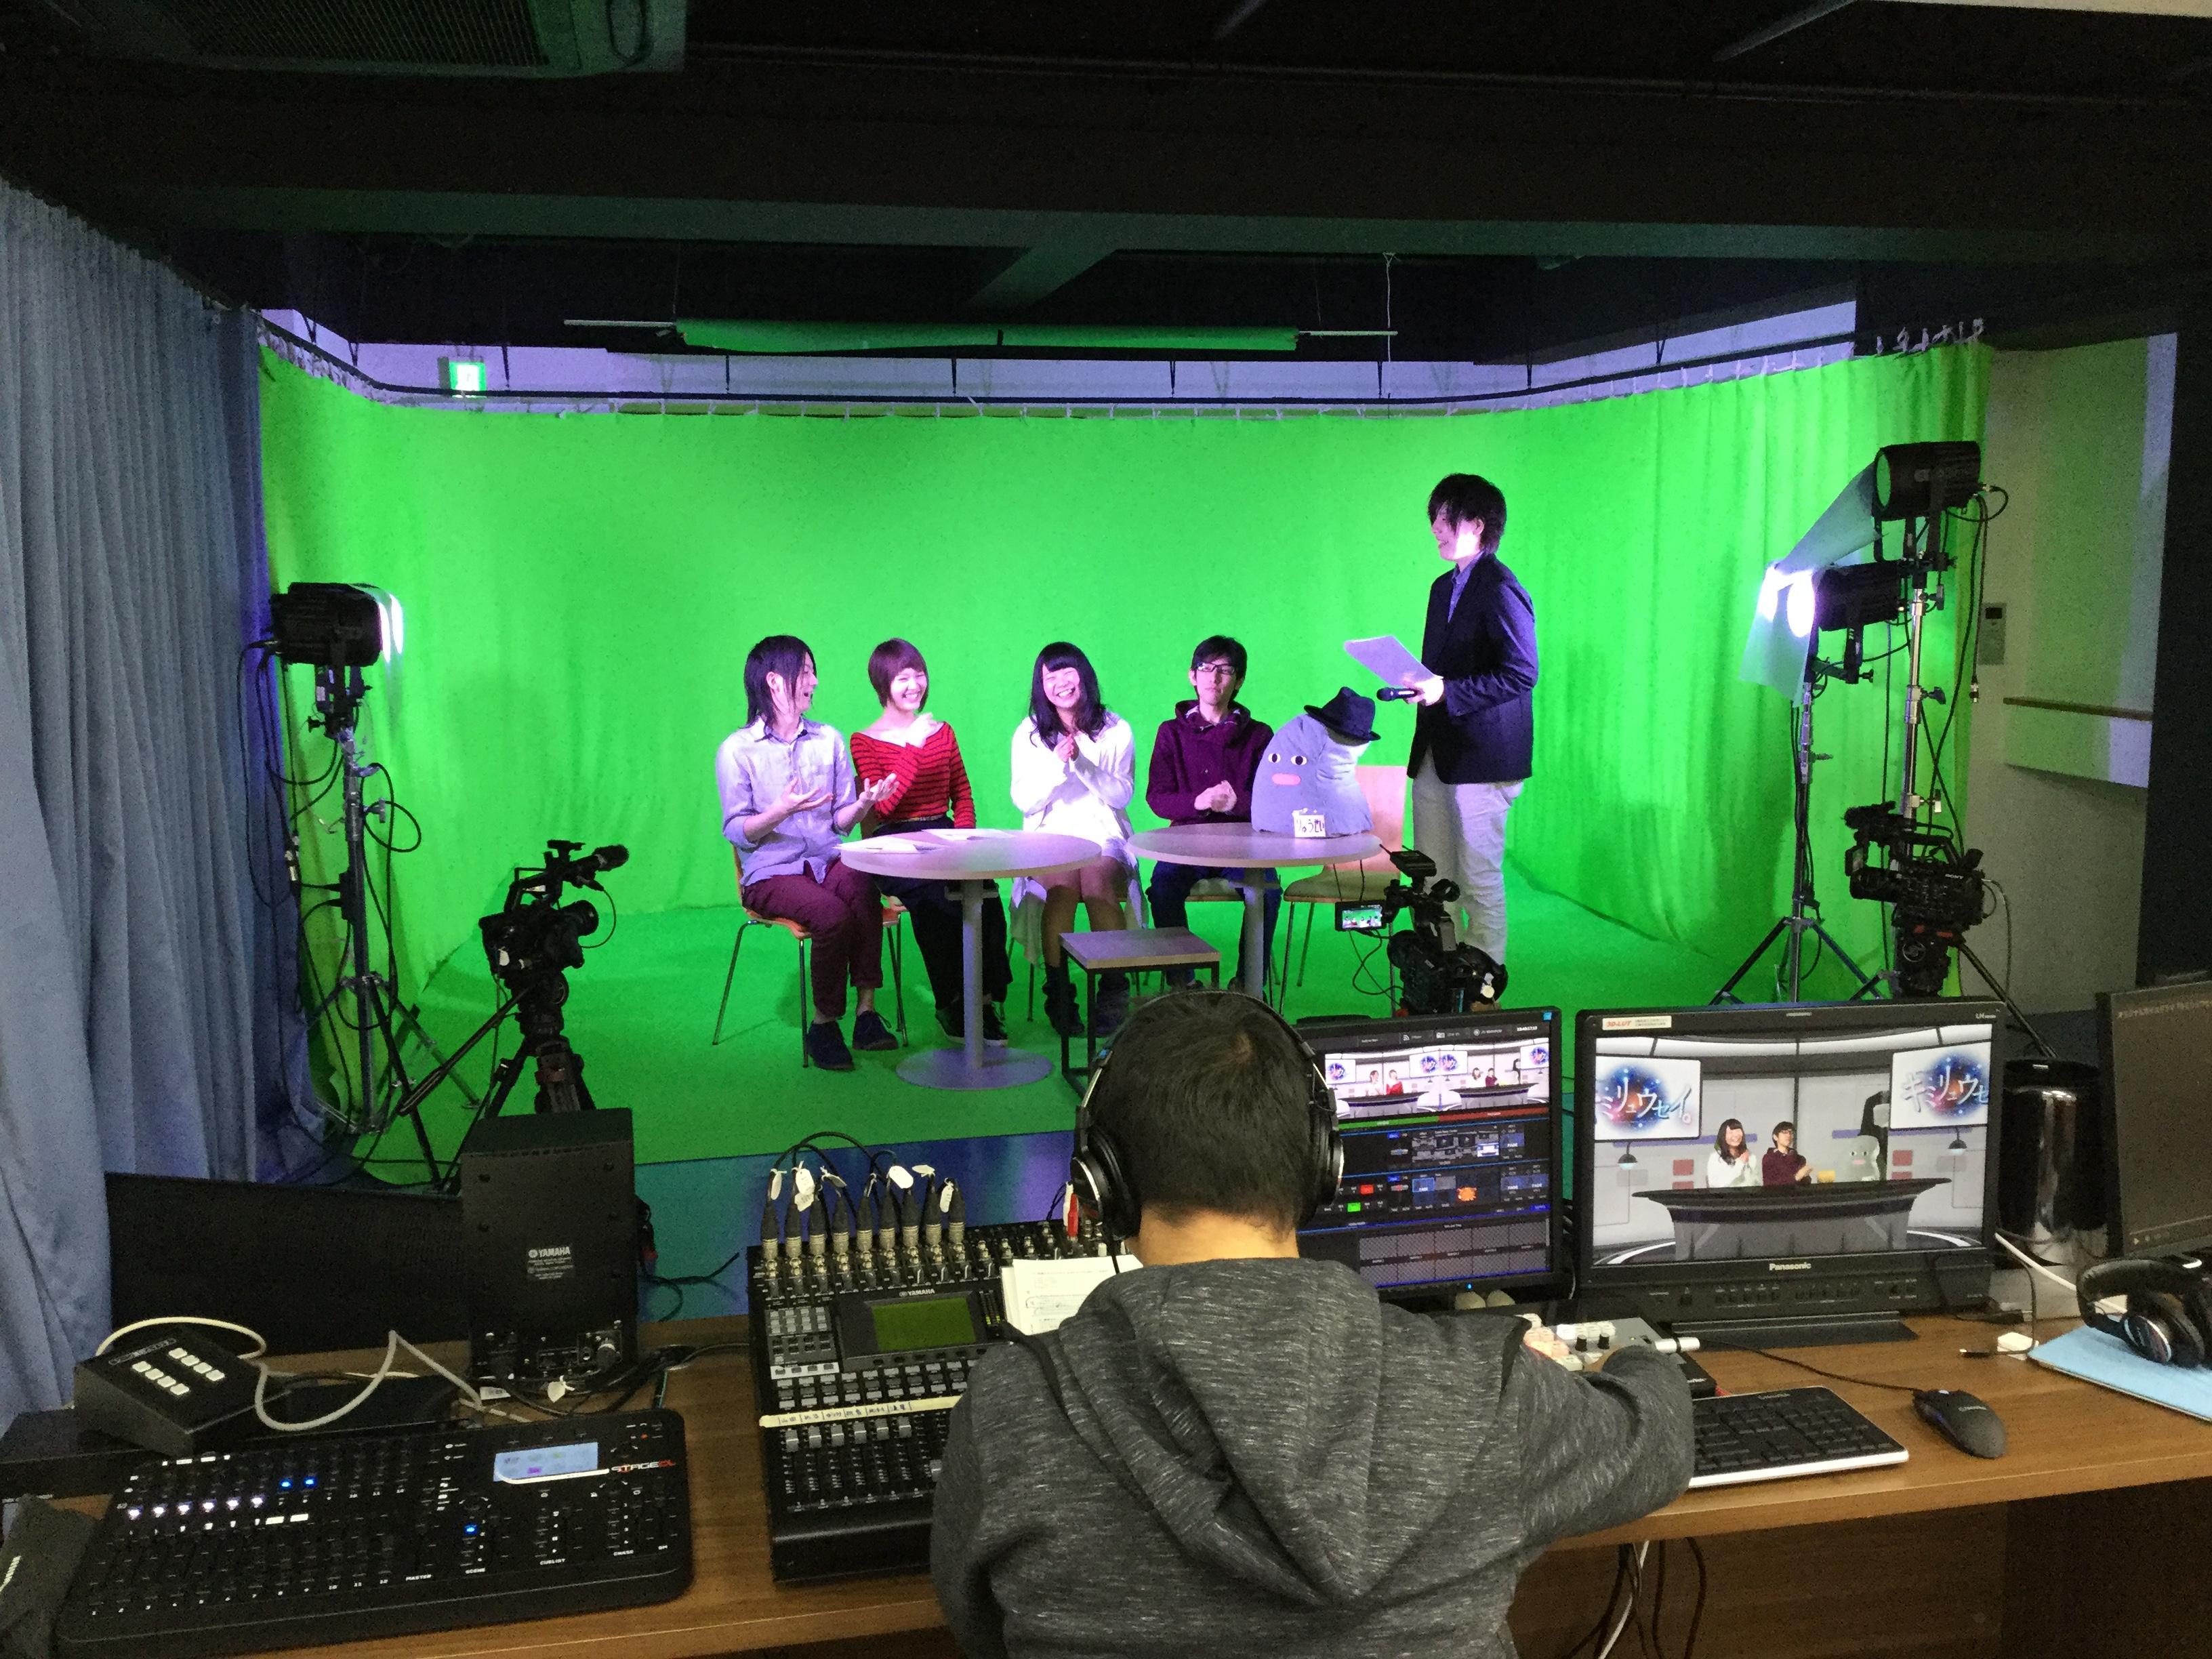 新宿にあるネット動画スタジオDo-Ga 1F